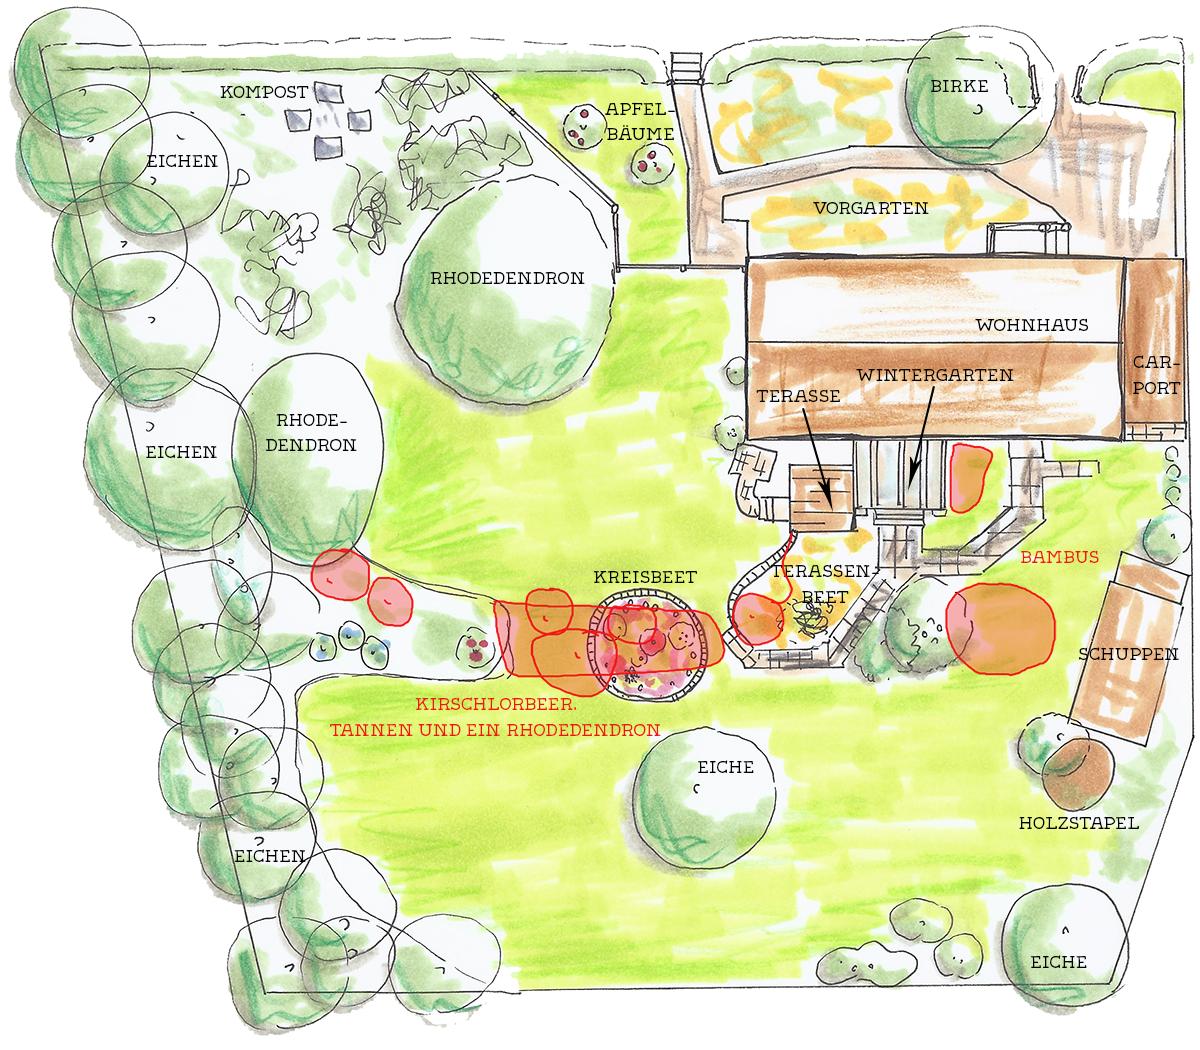 Gartenplan Änderungen bis April 2017